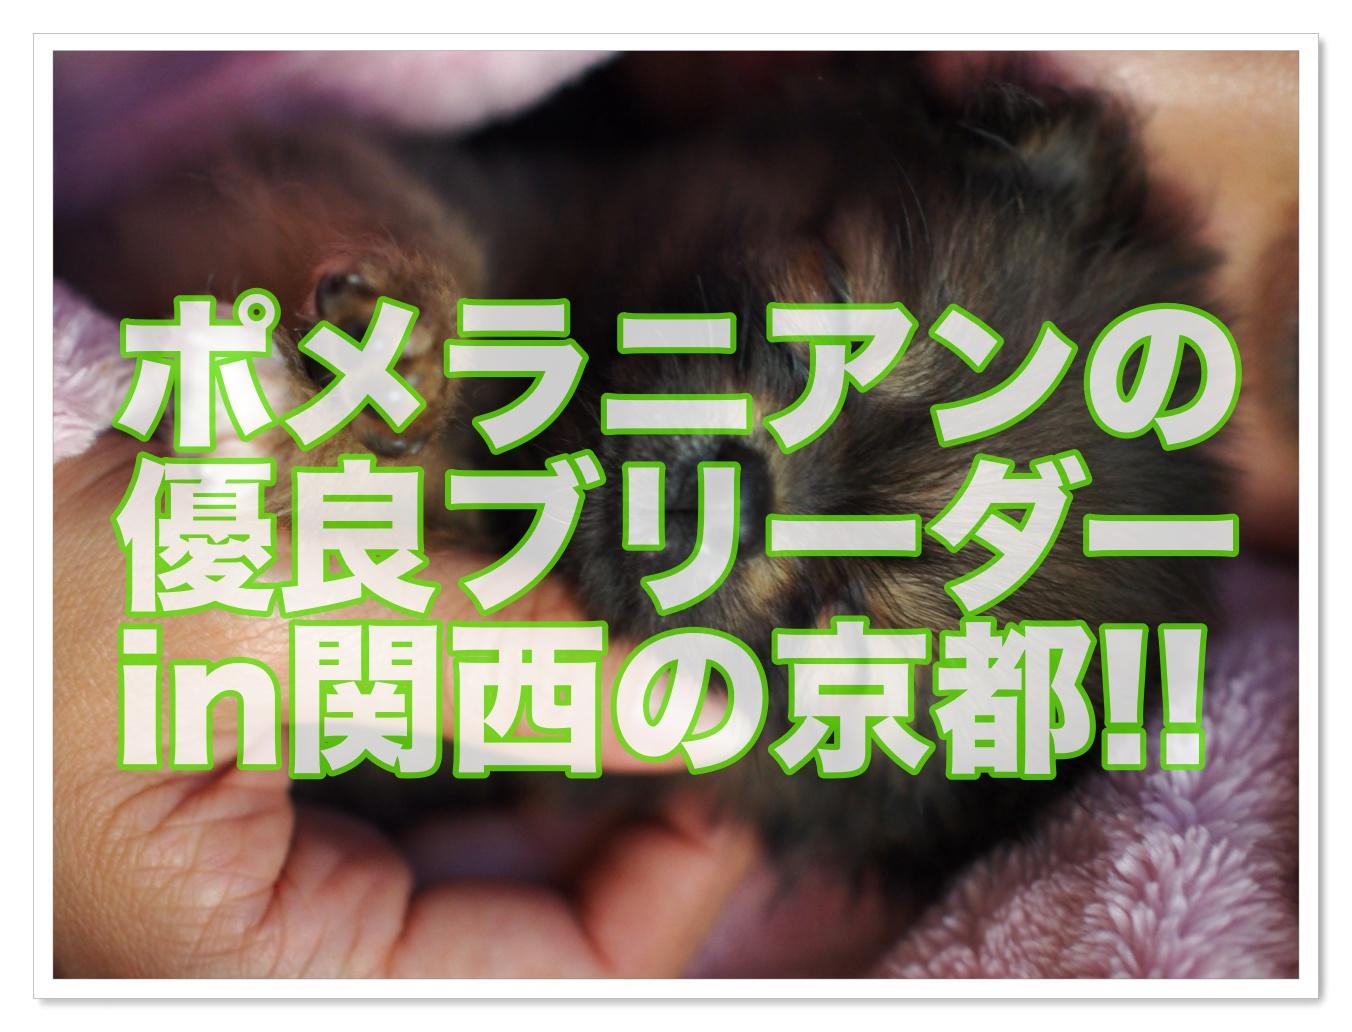 譲り 京都 無料 子犬 ます